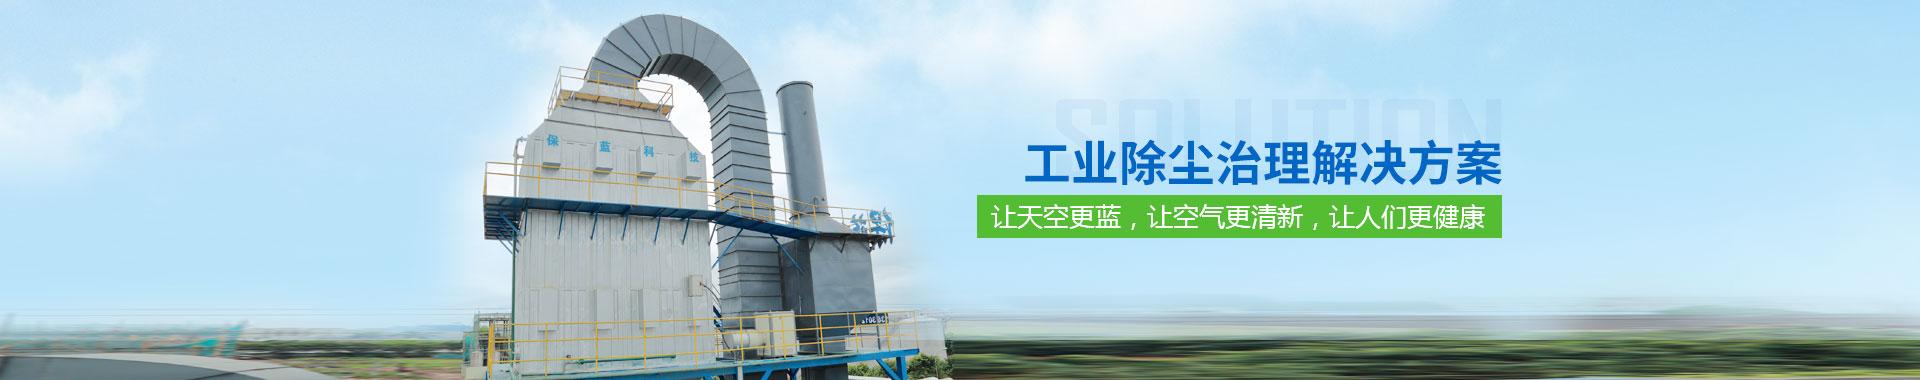 保蓝机械- 让天空更蓝,让空气更清新,让人们更健康